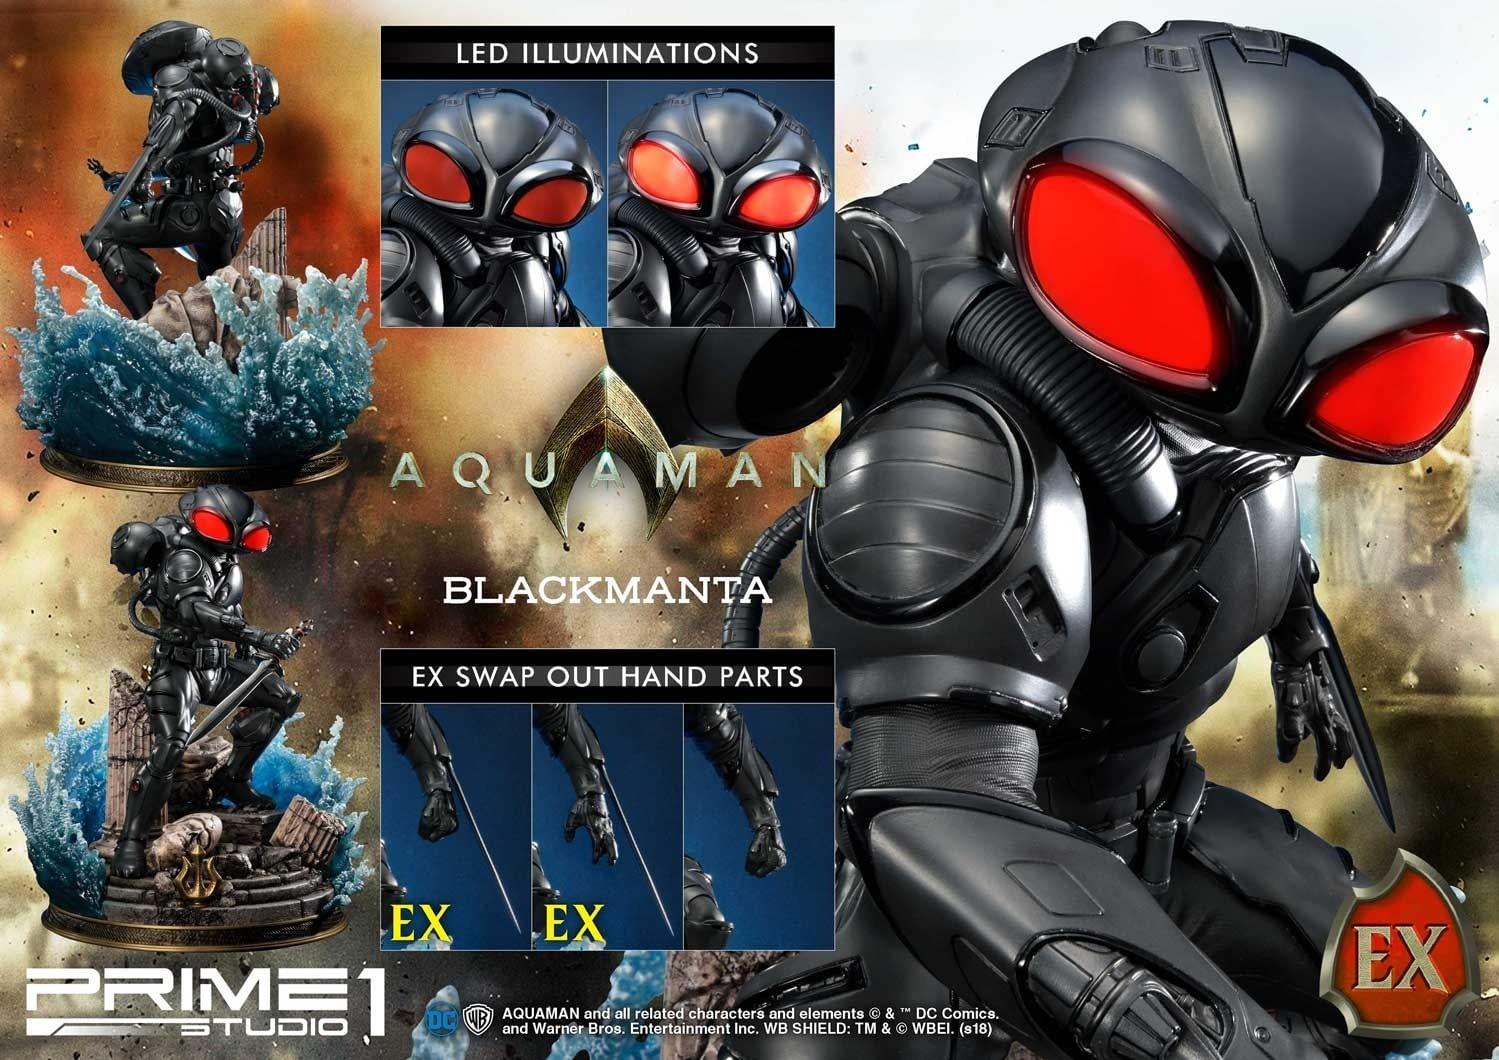 Aquaman Black Manta Prime 1 Studio Statue 3